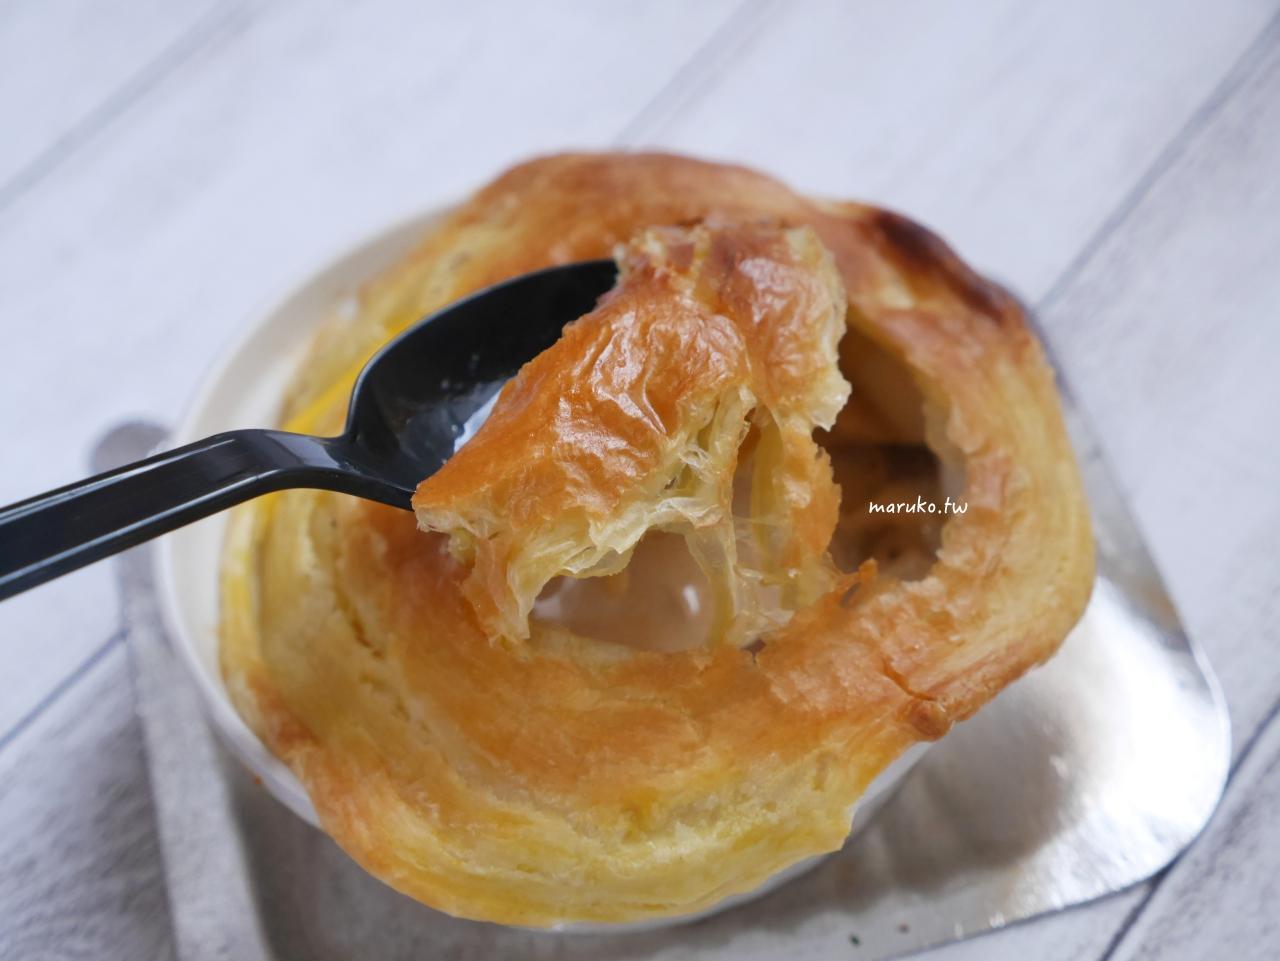 【台北】小法國餐館 沒有招牌的人氣餐廳 七道饗宴外帶套餐只要500元 @Maruko與美食有個約會